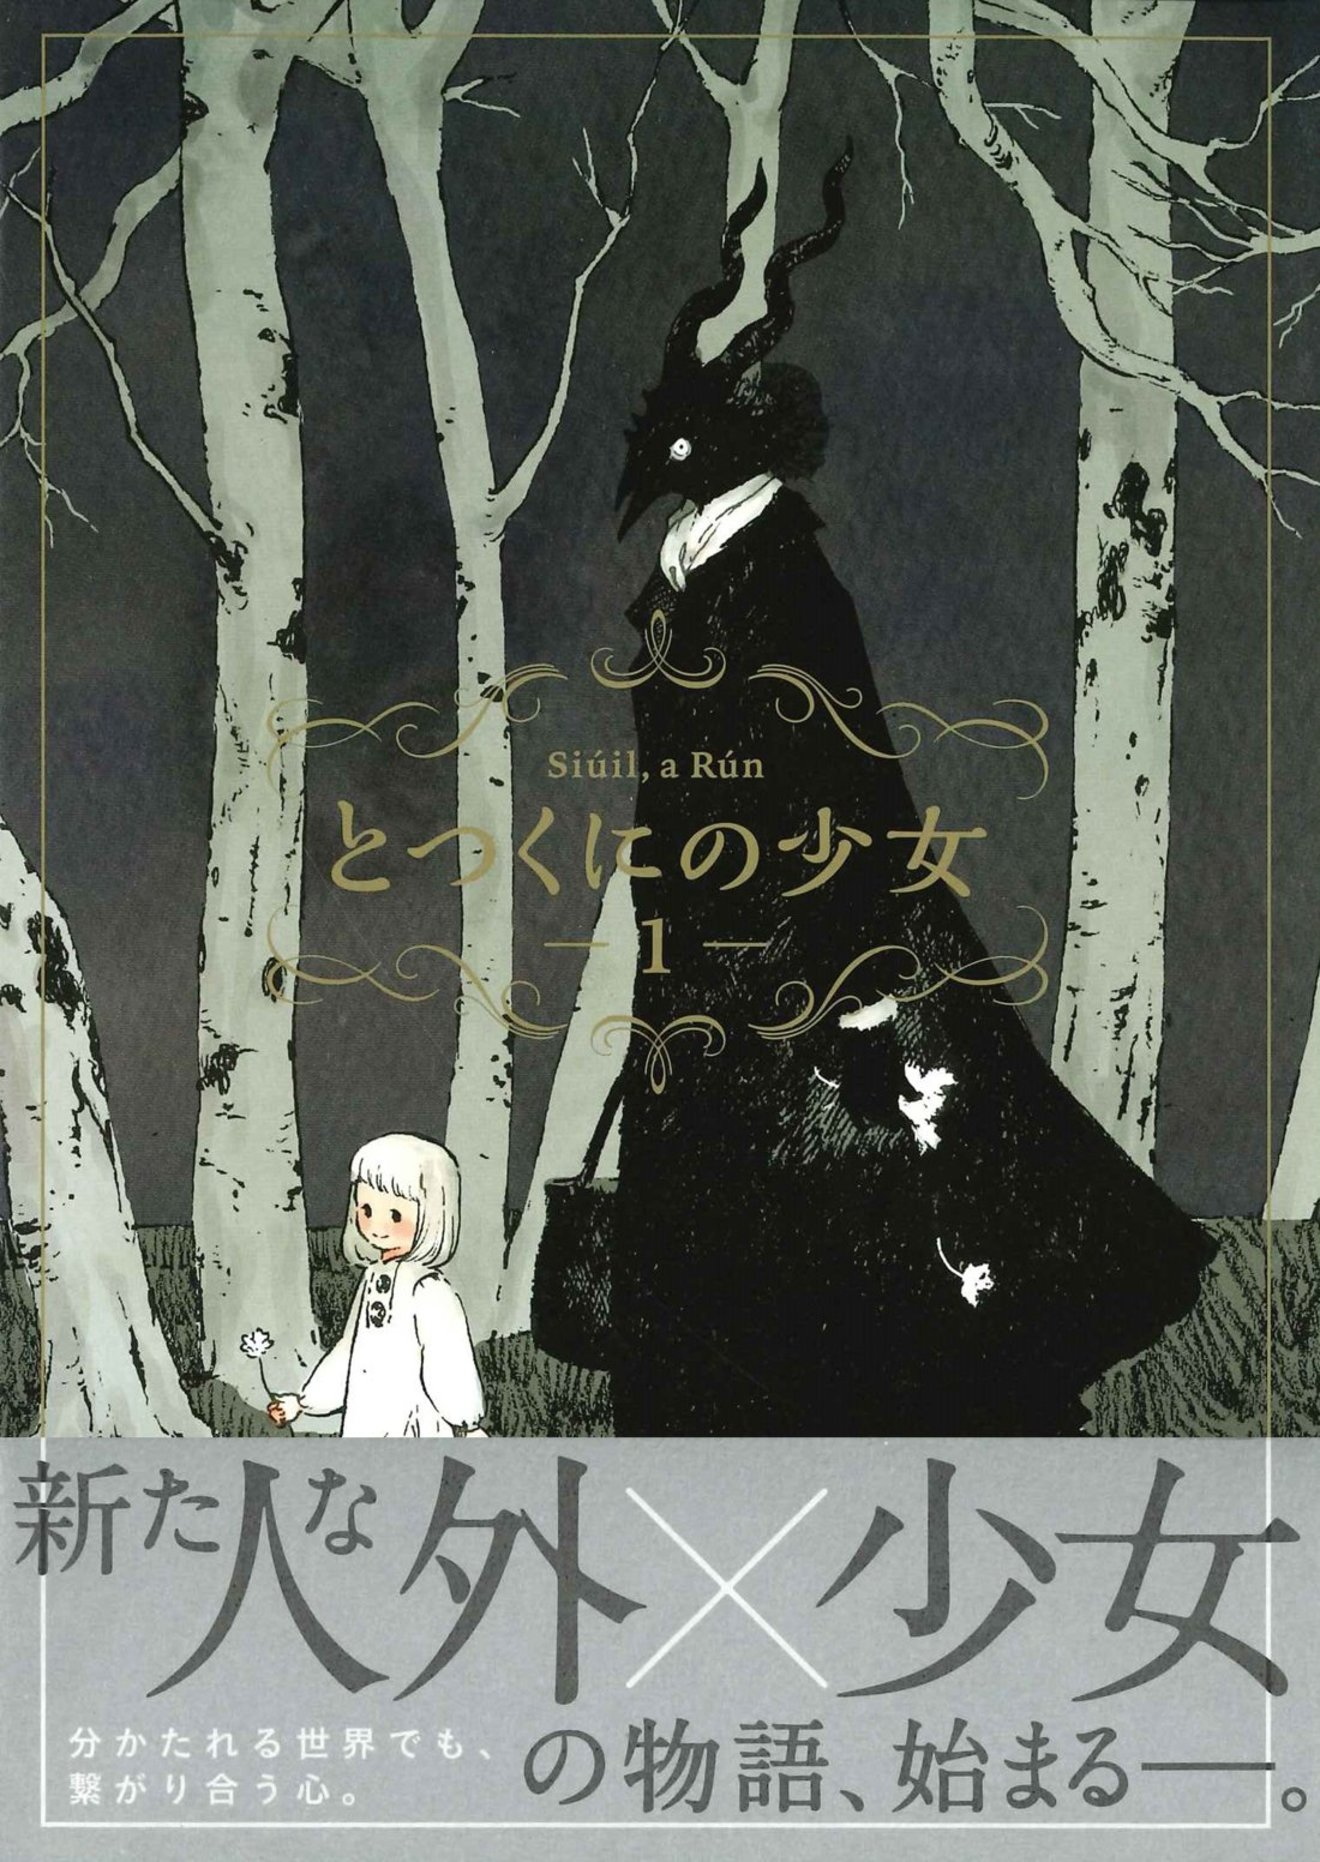 漫画『とつくにの少女』ダークなテンションにハマる。7巻までネタバレ紹介!